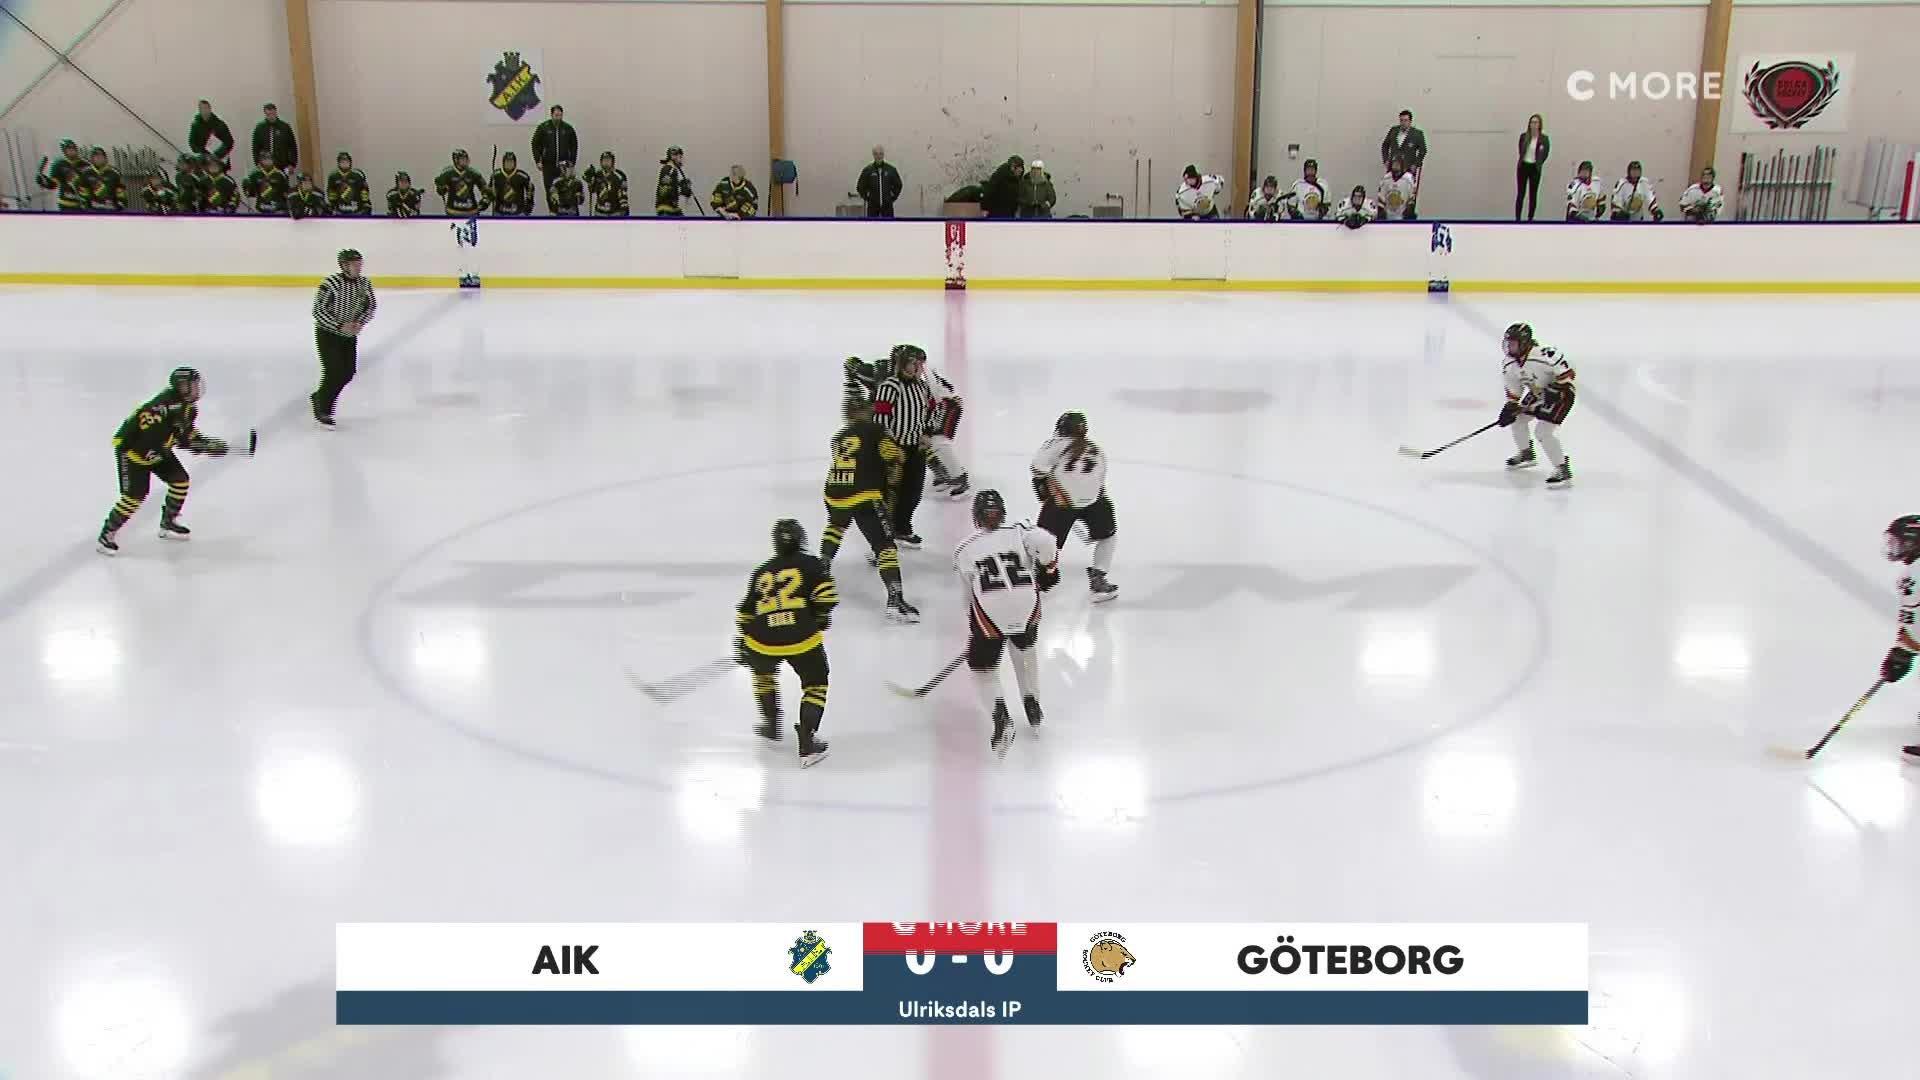 Highlights AIK-Göteborg 1 februari